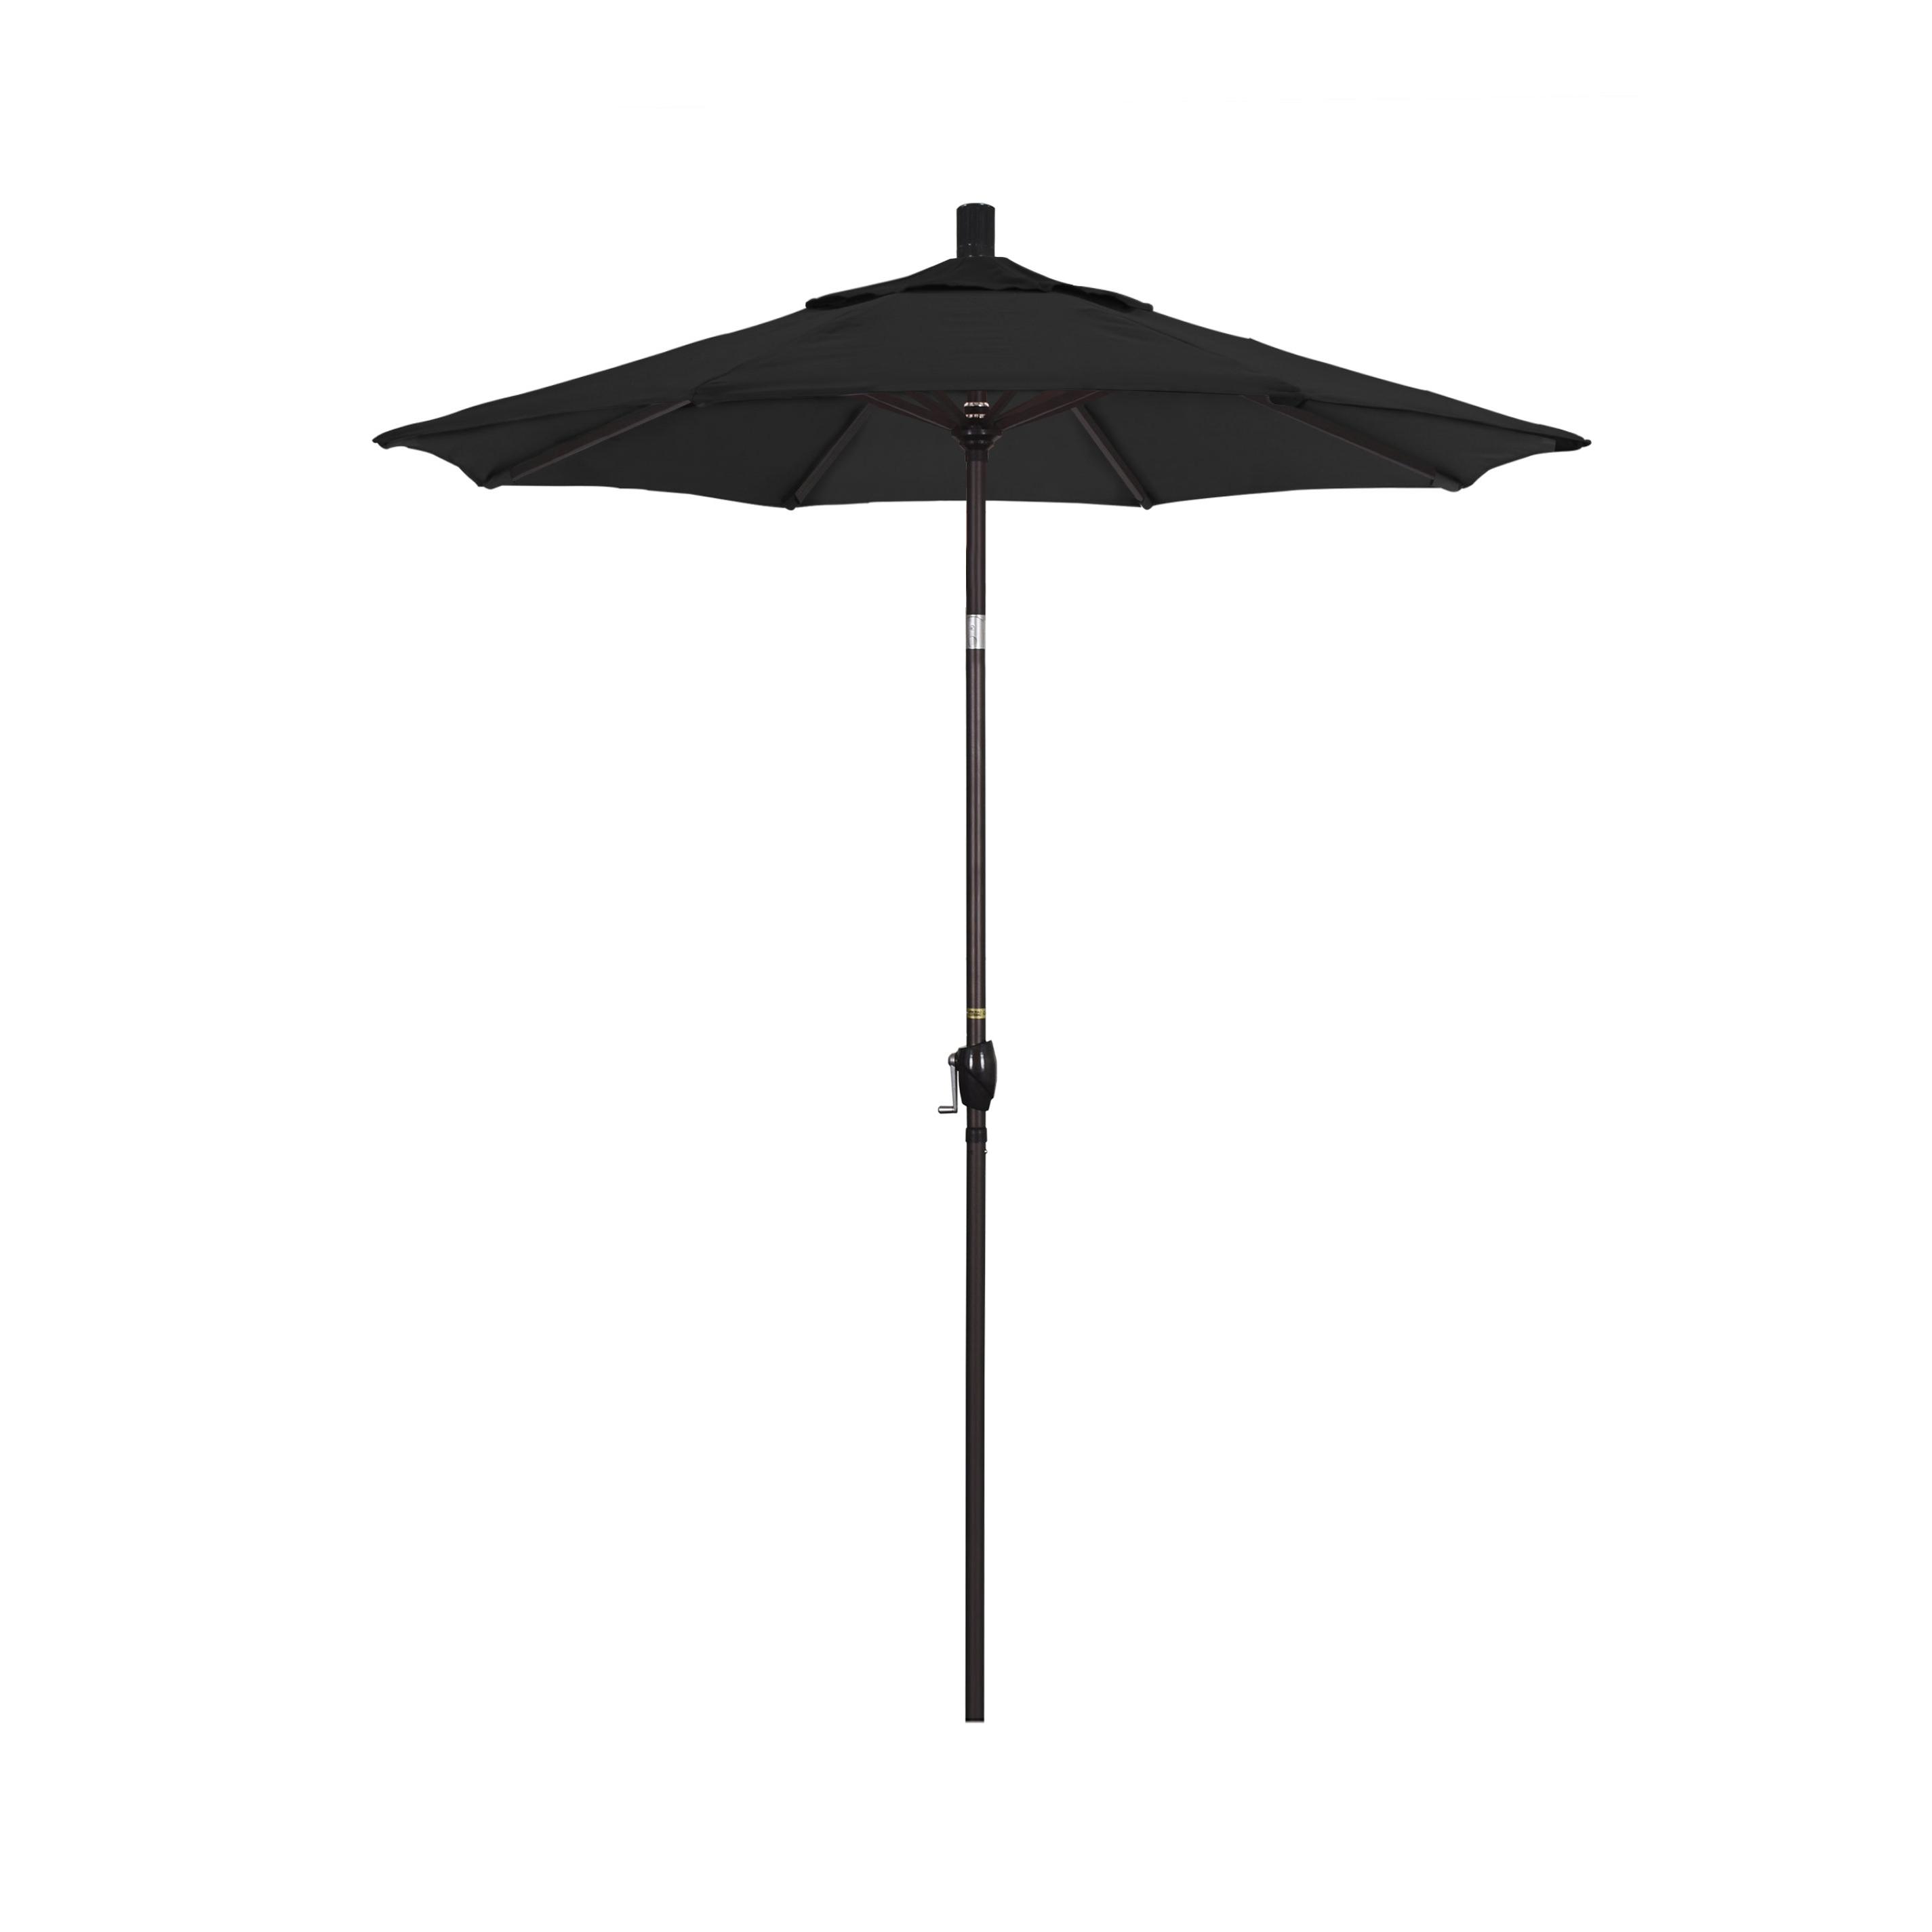 2019 Wallach 6' Market Sunbrella Umbrella For Wallach Market Sunbrella Umbrellas (View 1 of 20)